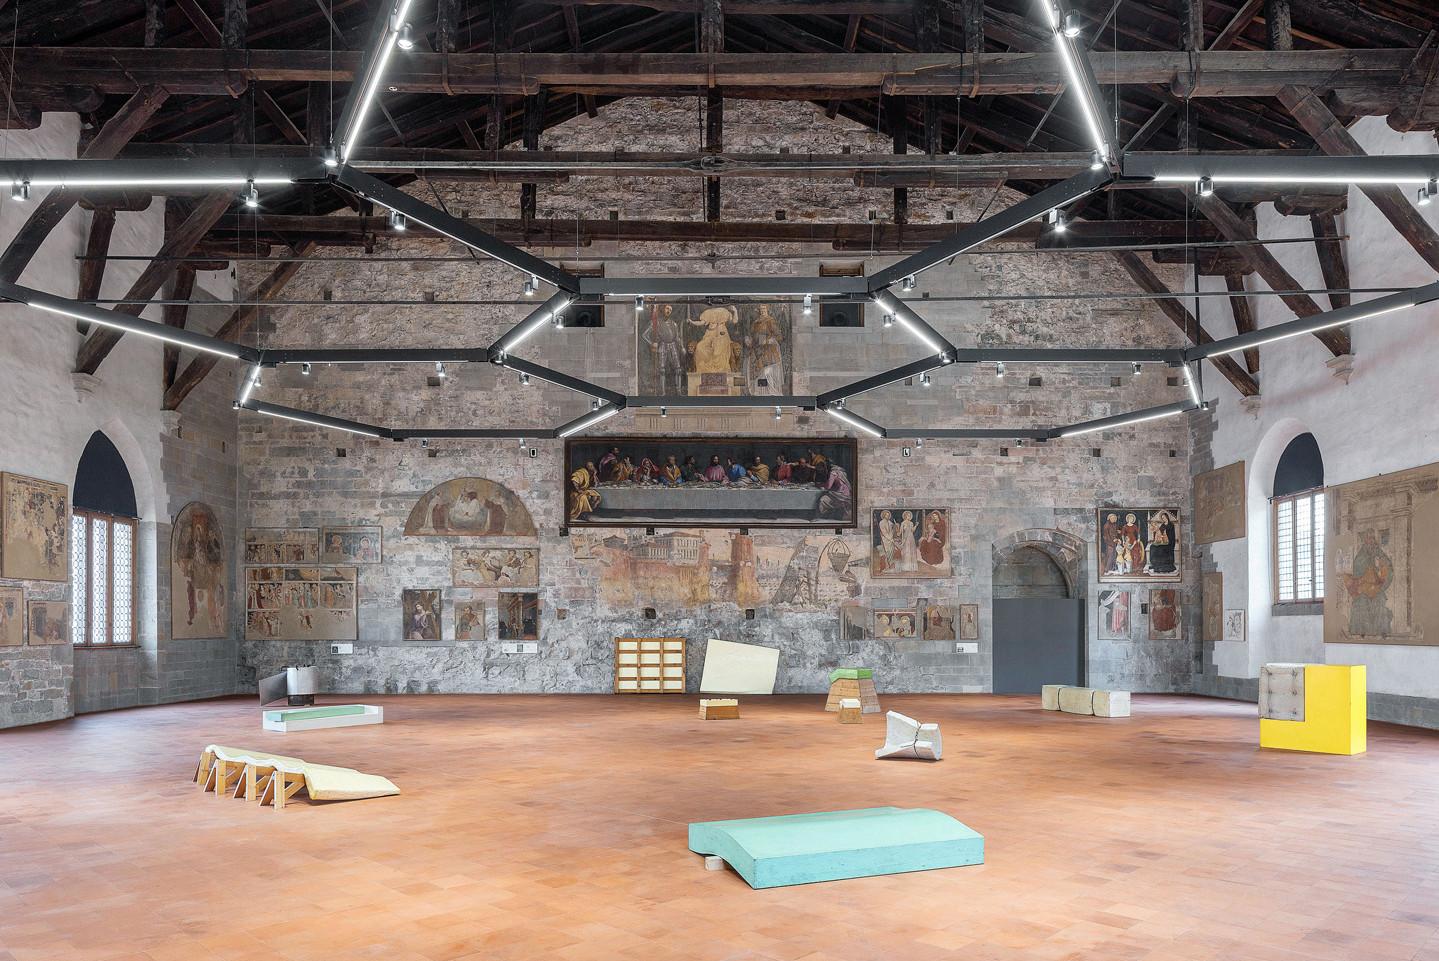 Affordable courtesy gamec galleria darte moderna e di bergamo photo giulio boem with interior - Interior design bergamo ...